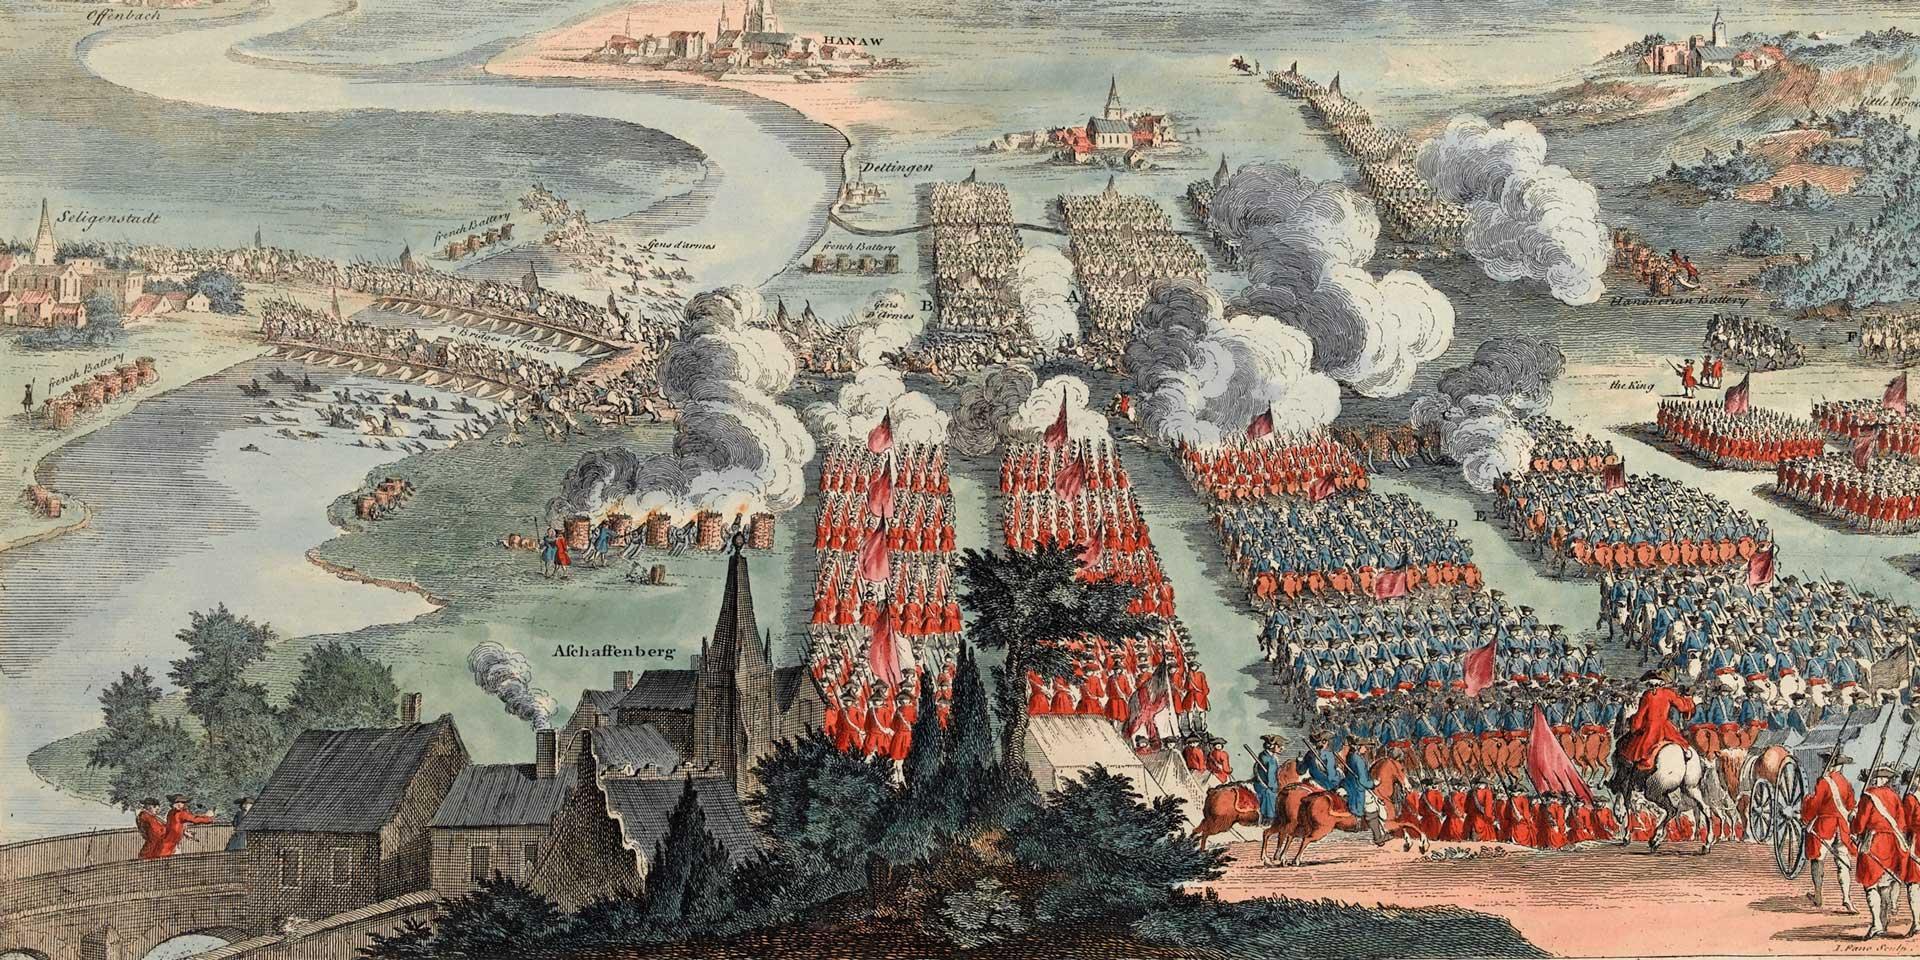 The Battle of Dettingen, 1743